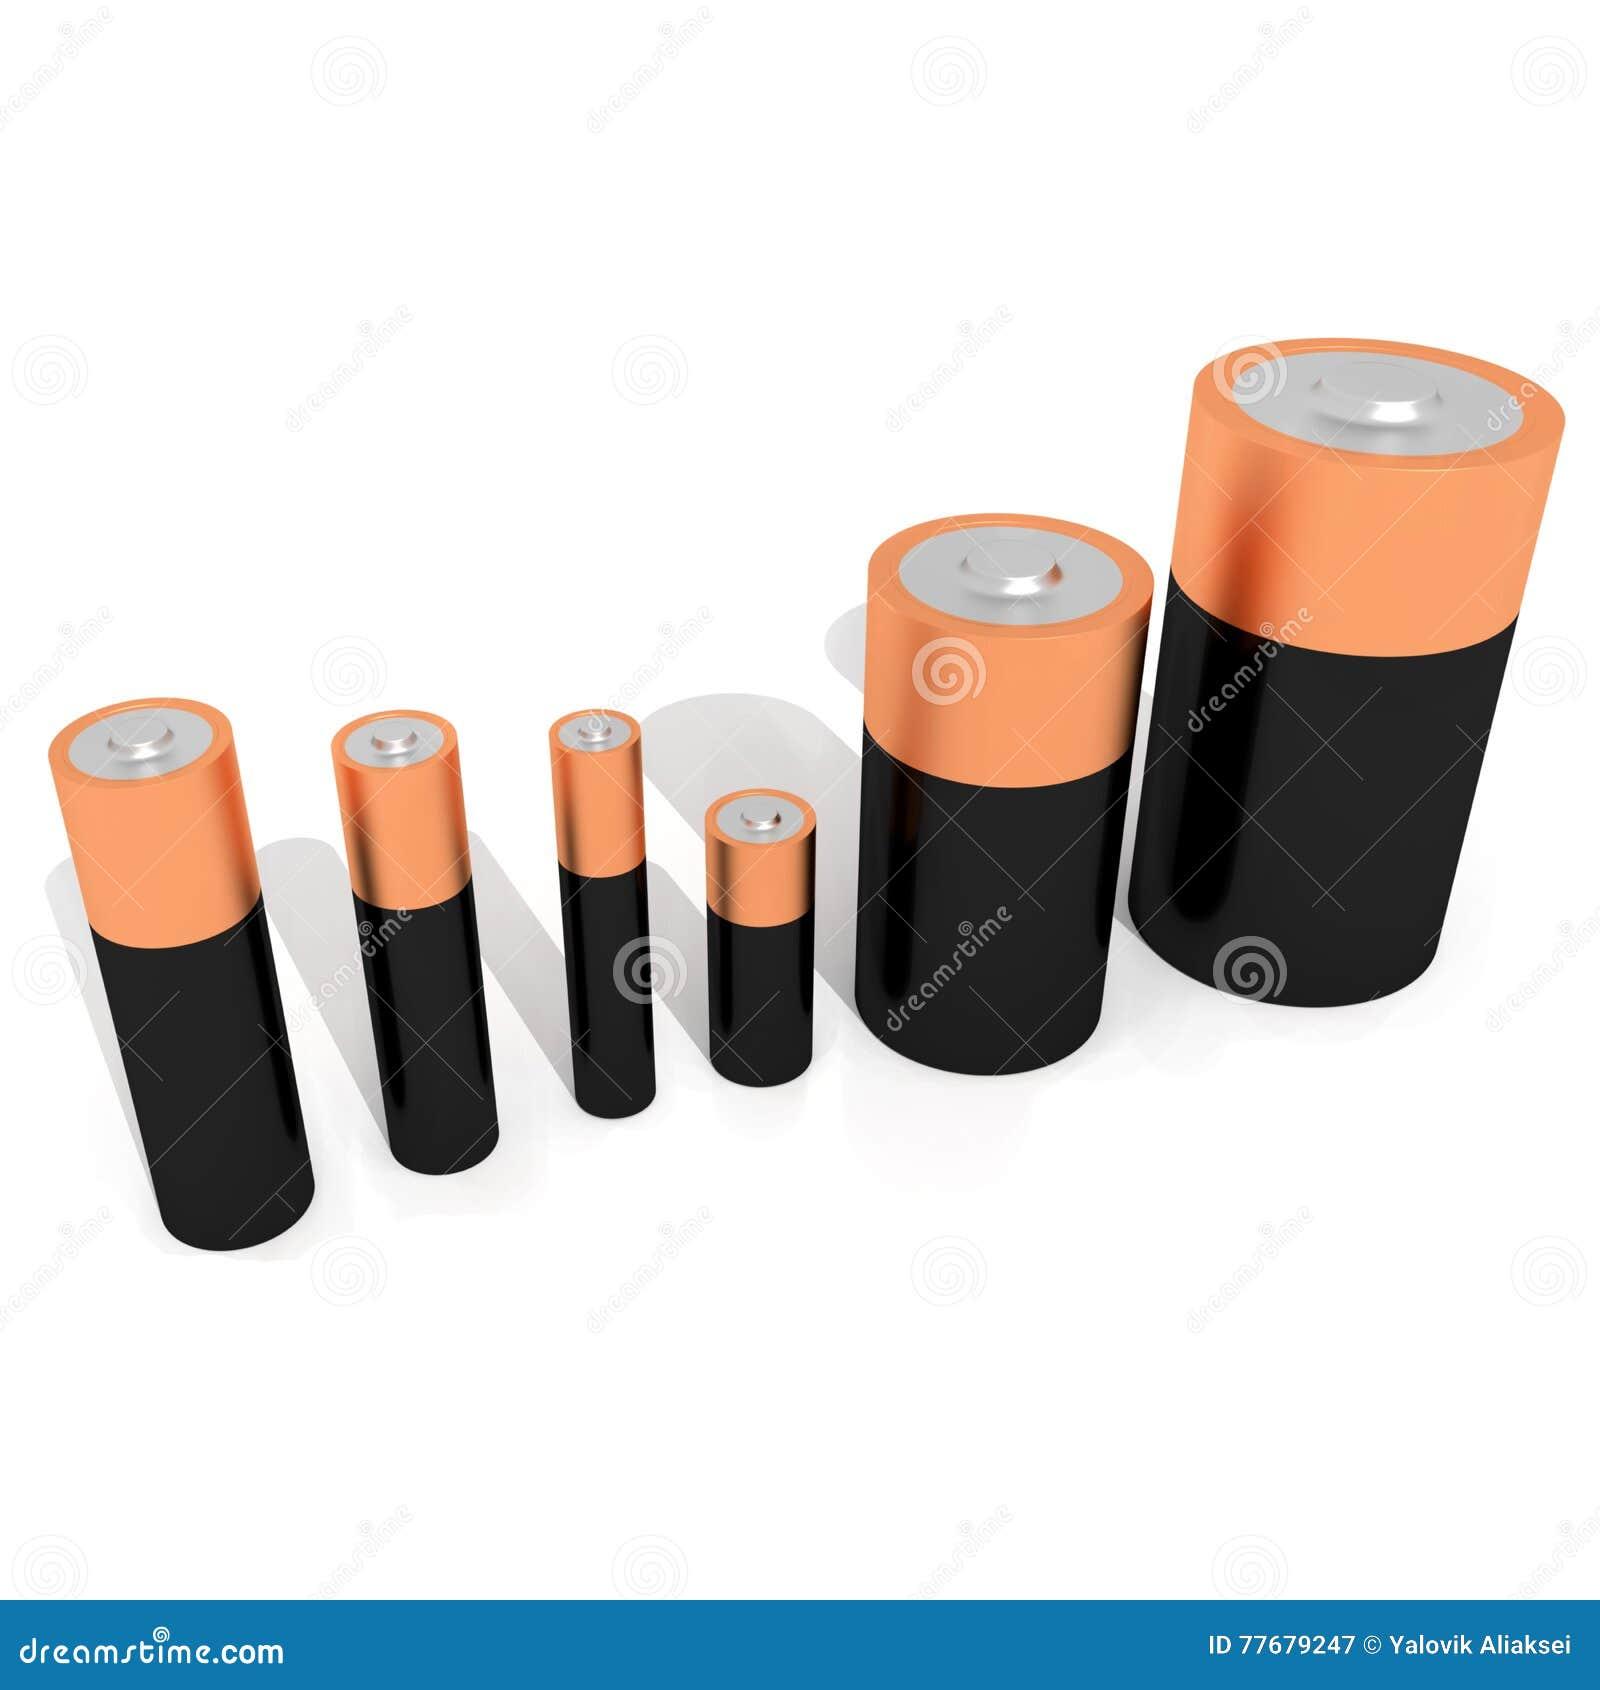 Batteries 3d renderer illustration